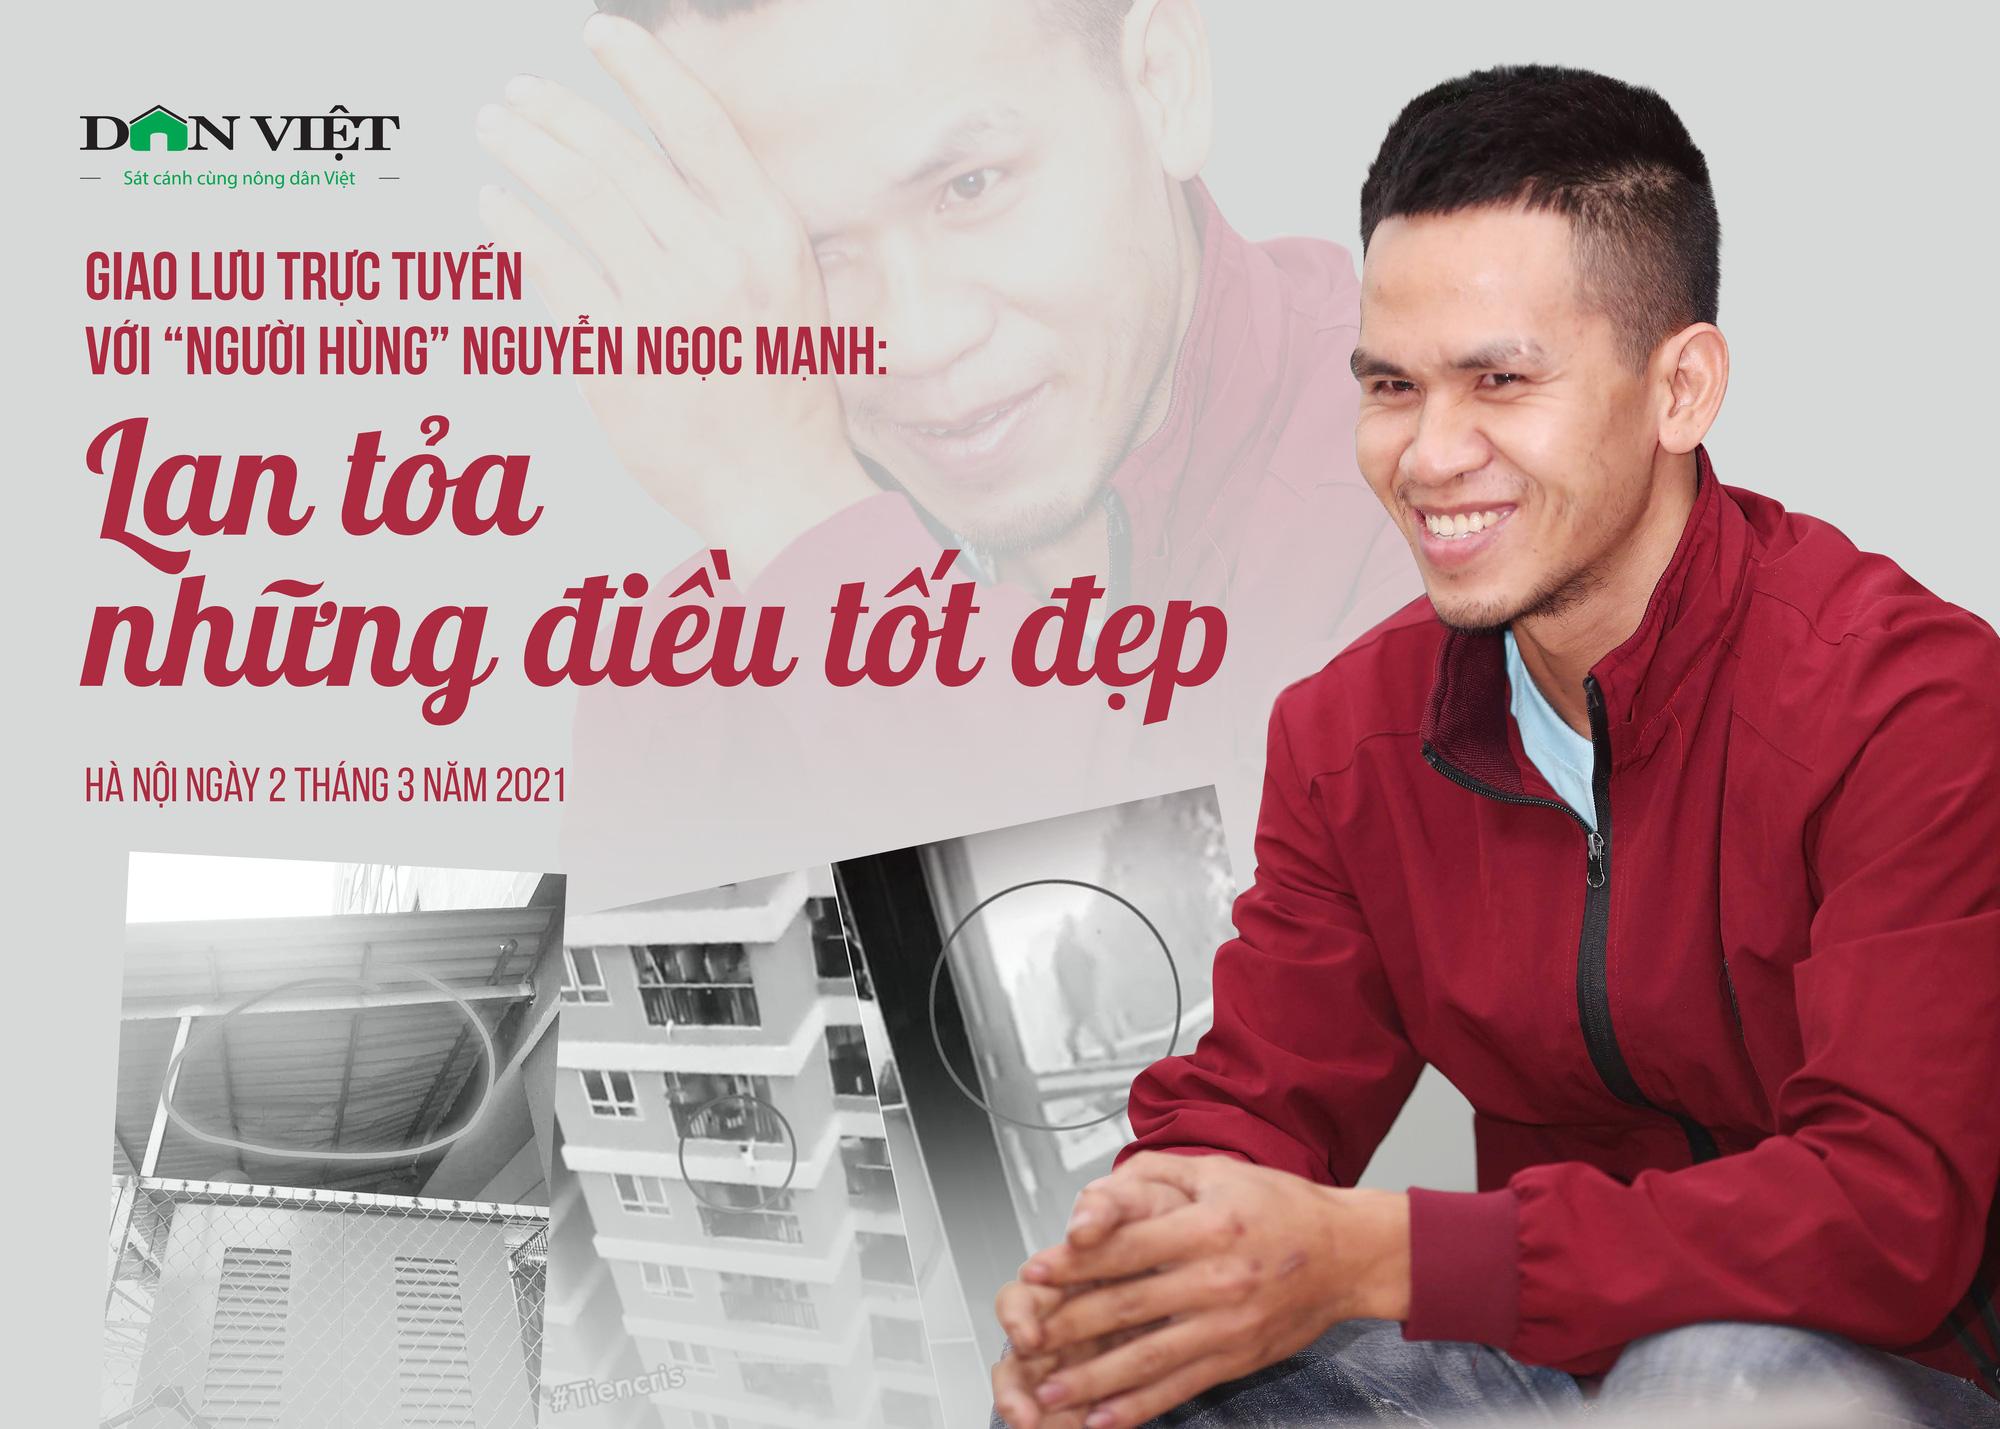 """Dân Việt giao lưu trực tuyến với """"người hùng"""" Nguyễn Ngọc Mạnh cứu sống bé gái 3 tuổi rơi từ tầng 13  - Ảnh 1."""